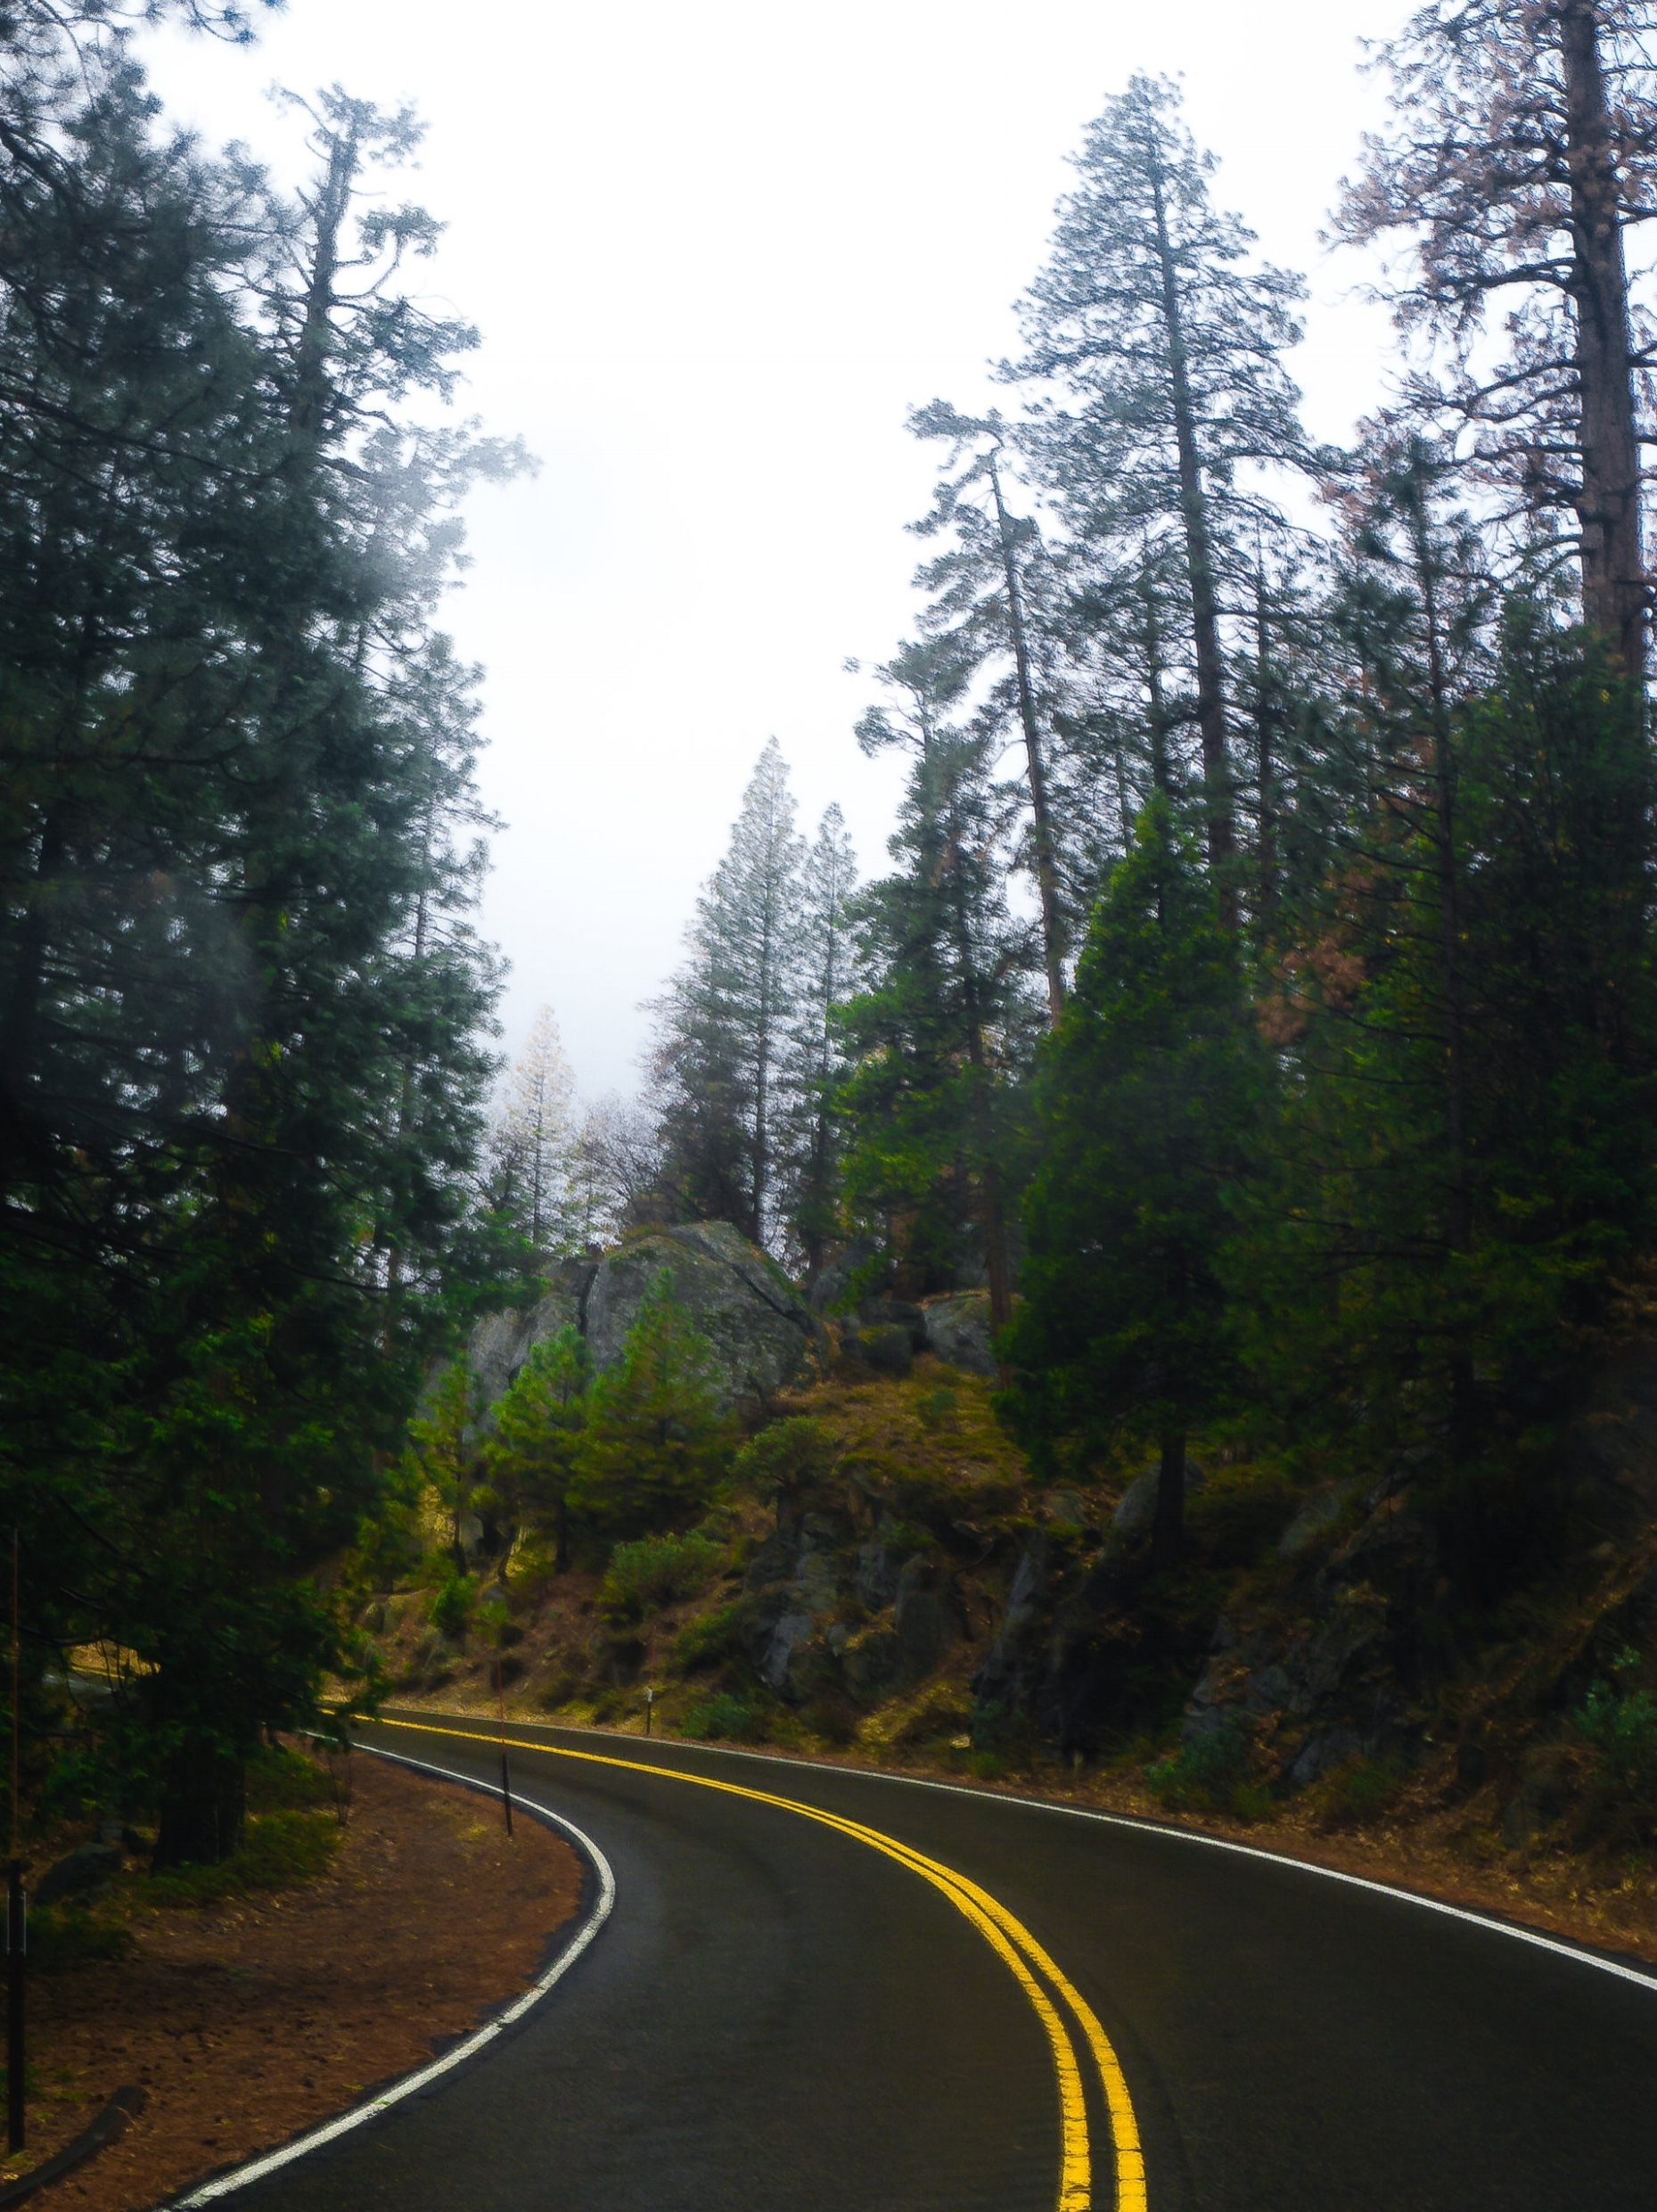 Curved road YNP FINAL.jpg